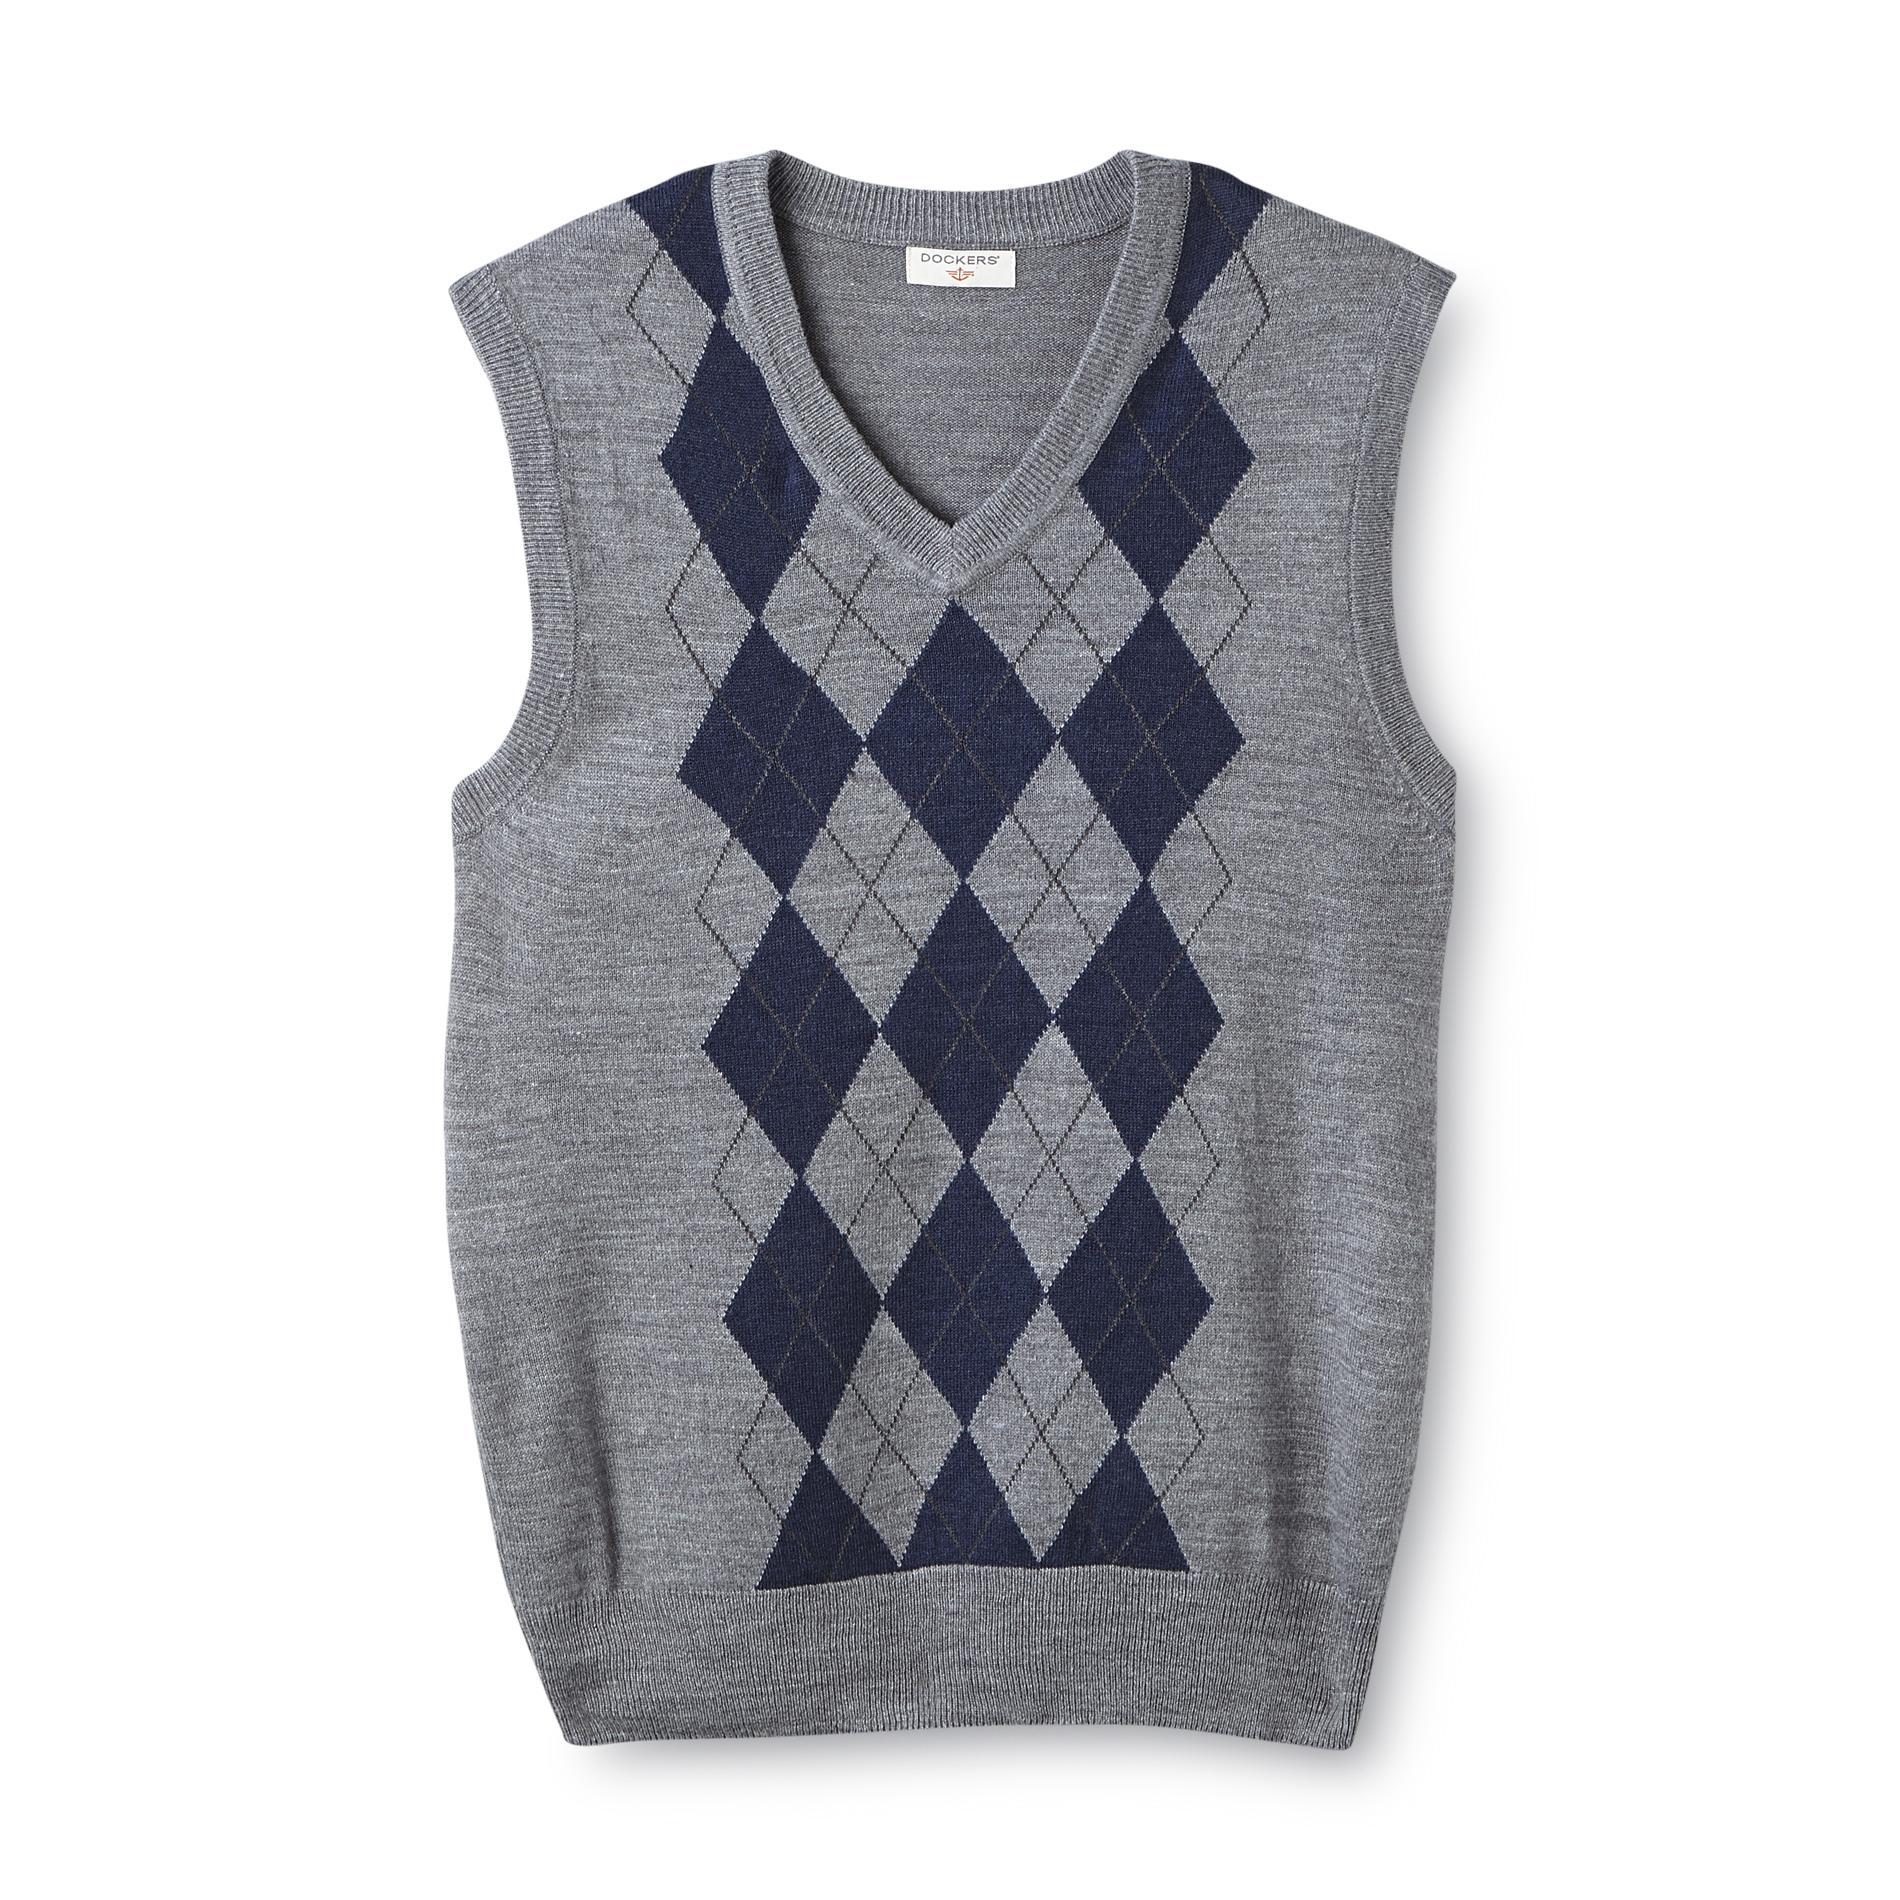 Dockers Men' Soft Touch Sweater Vest - Argyle